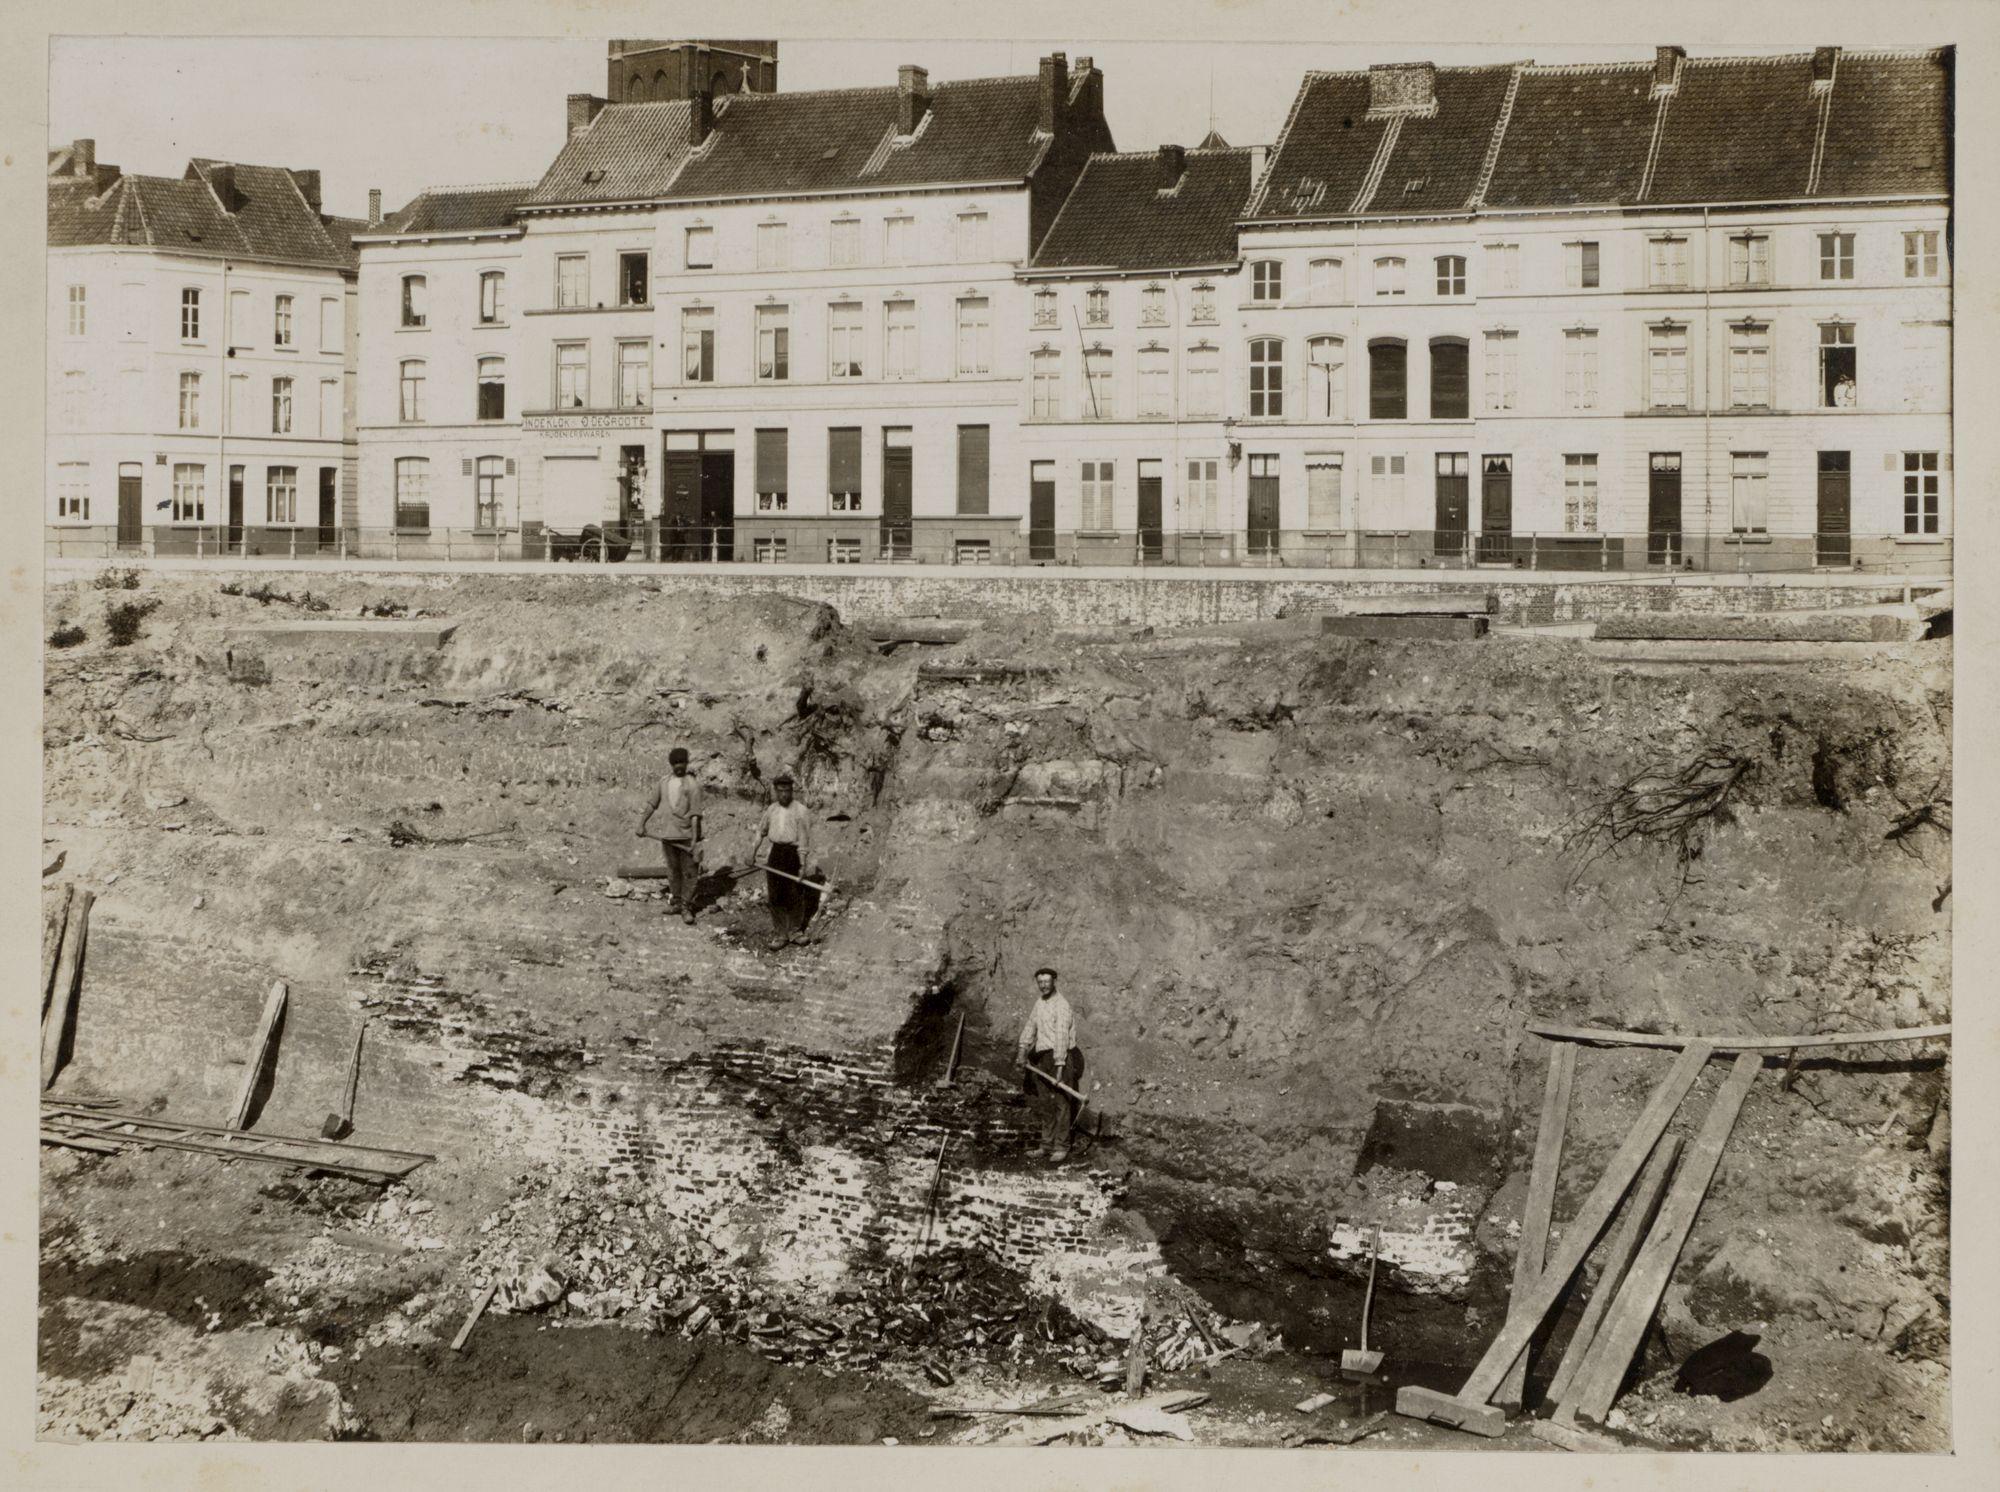 Gent: Voorhoutkaai, afbraakwerken oude Abdijbrug (restanten Spanjaardenkasteel), 13 augustus 1909